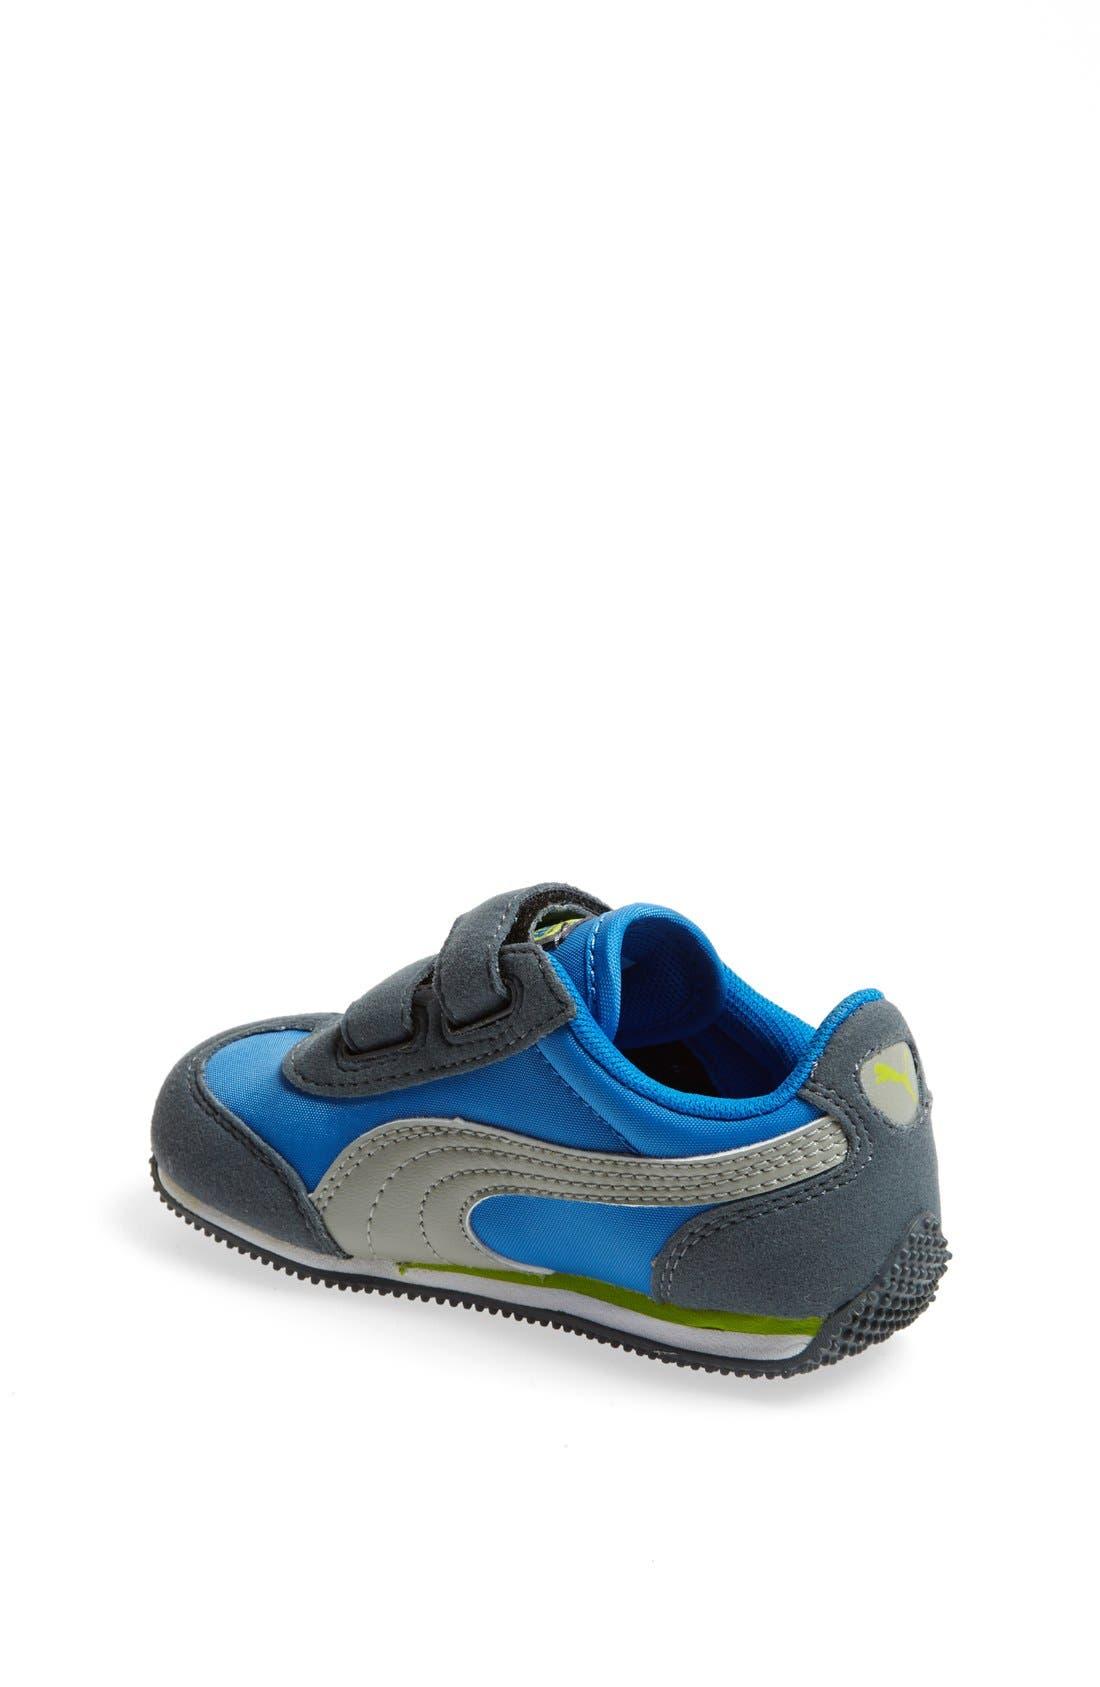 Alternate Image 2  - PUMA 'Whirlwind V' Shoe (Baby, Walker, Toddler & Little Kid)